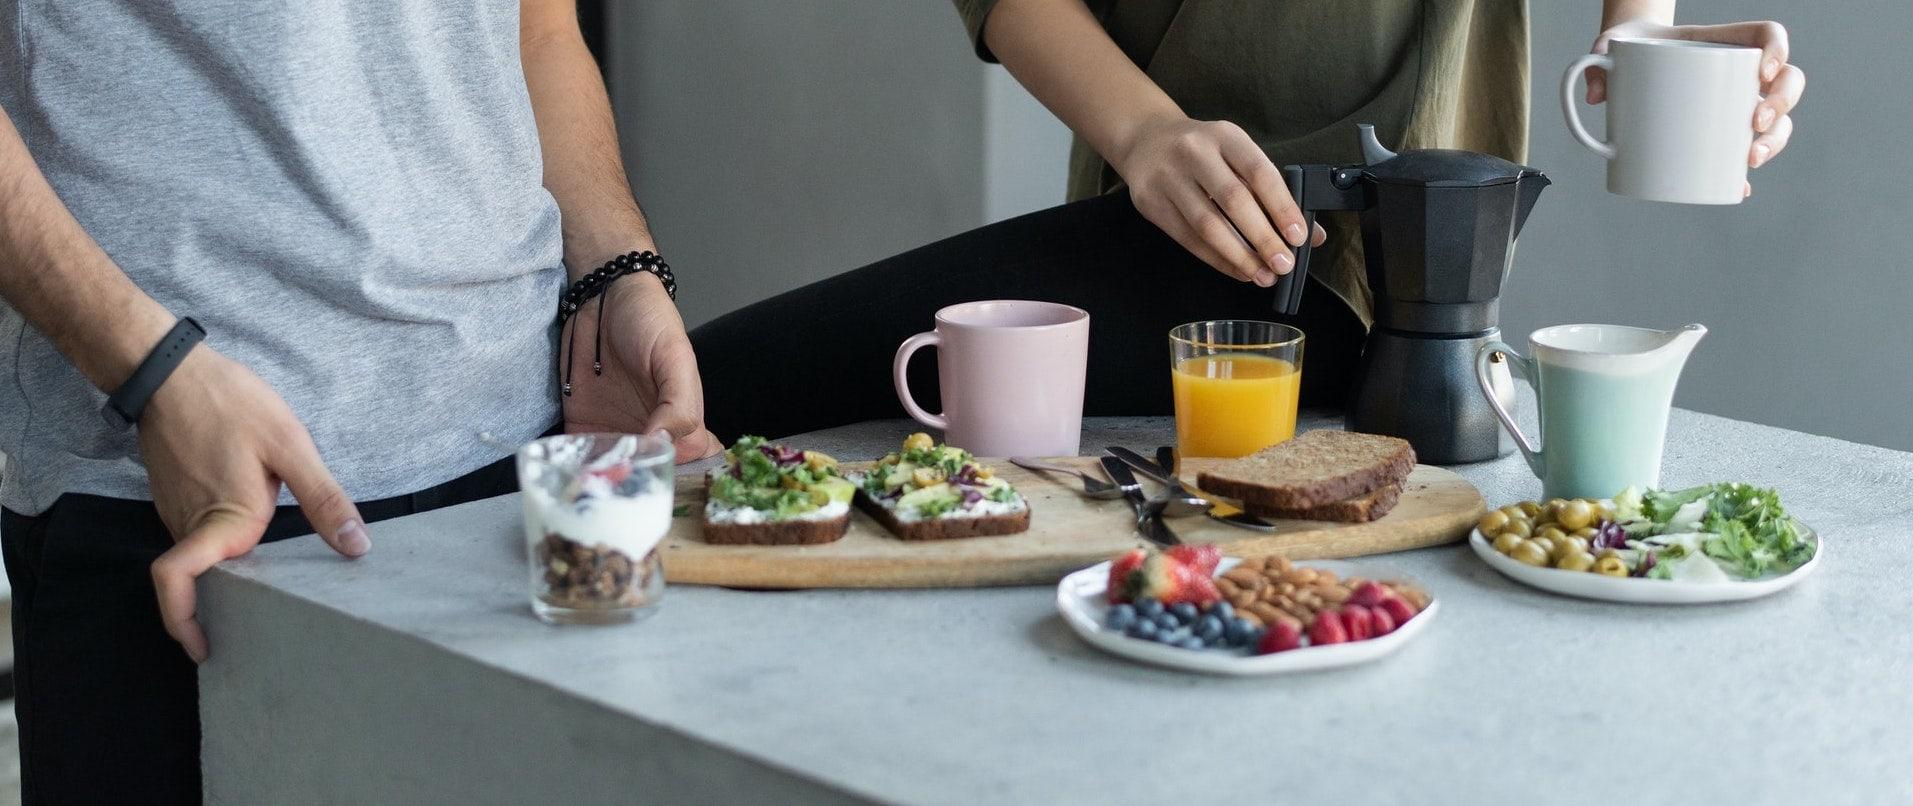 Deux personnes qui prenennt leur petit-déjeuner